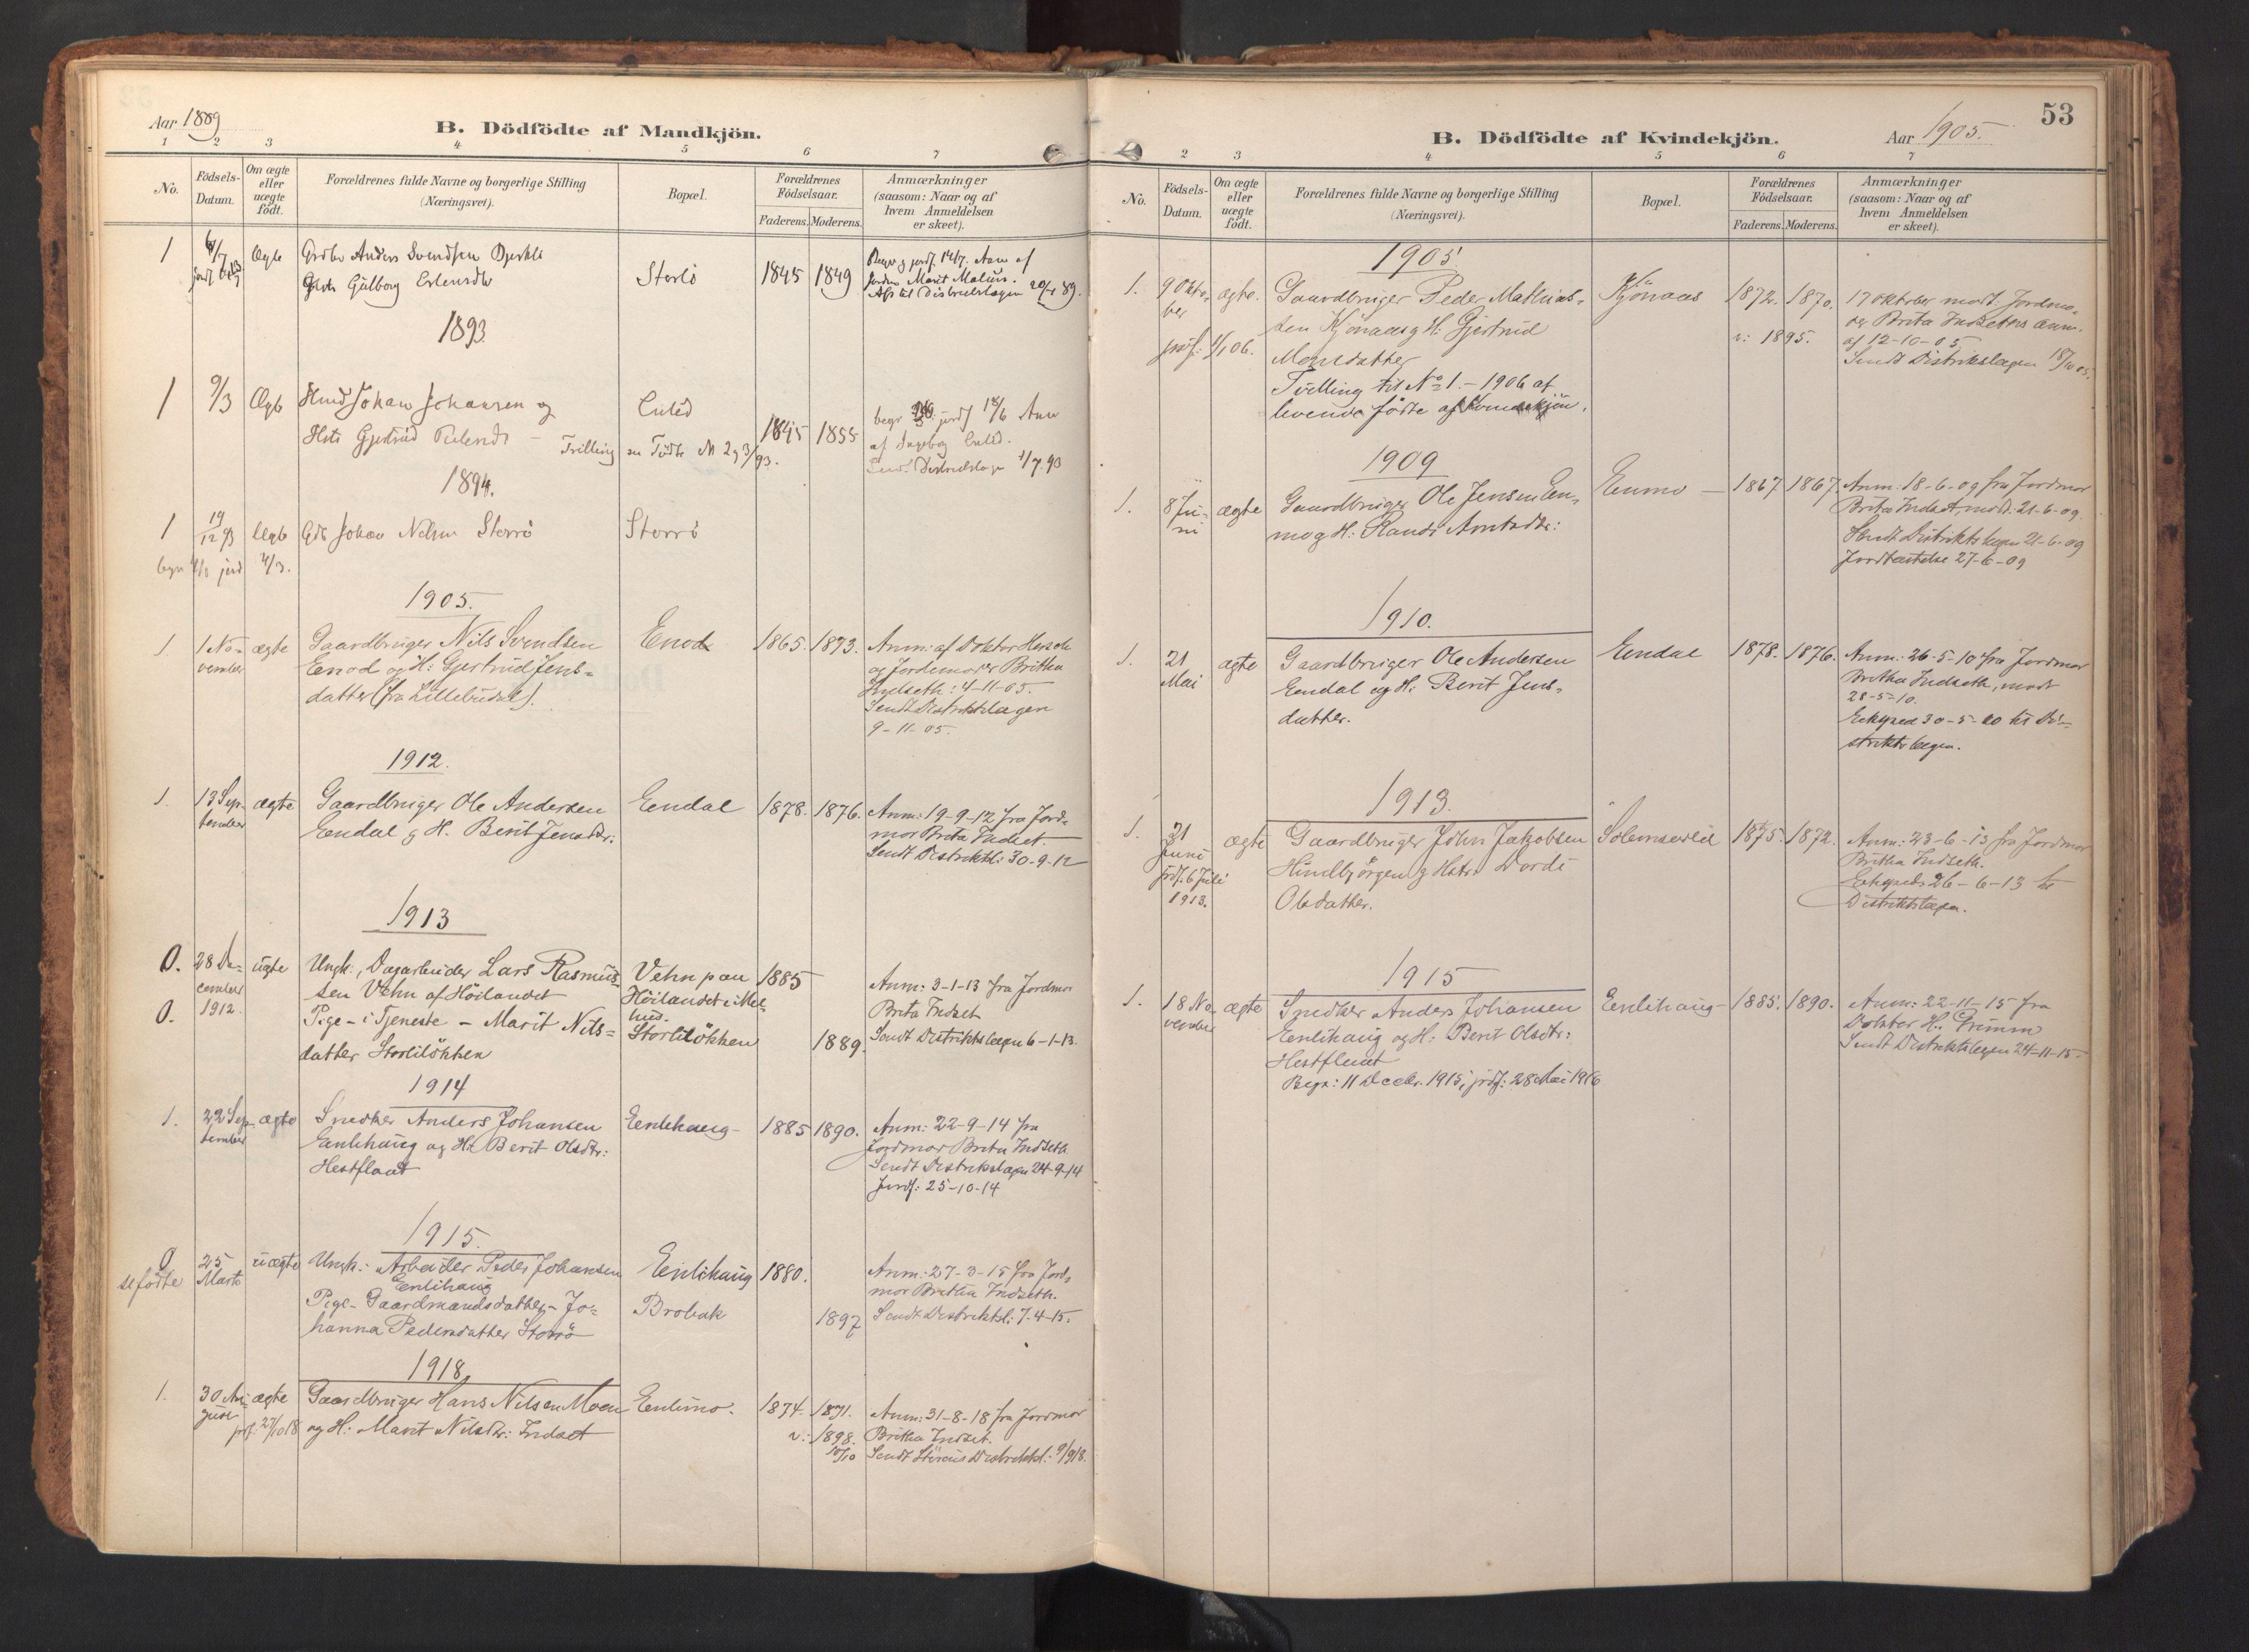 SAT, Ministerialprotokoller, klokkerbøker og fødselsregistre - Sør-Trøndelag, 690/L1050: Ministerialbok nr. 690A01, 1889-1929, s. 53